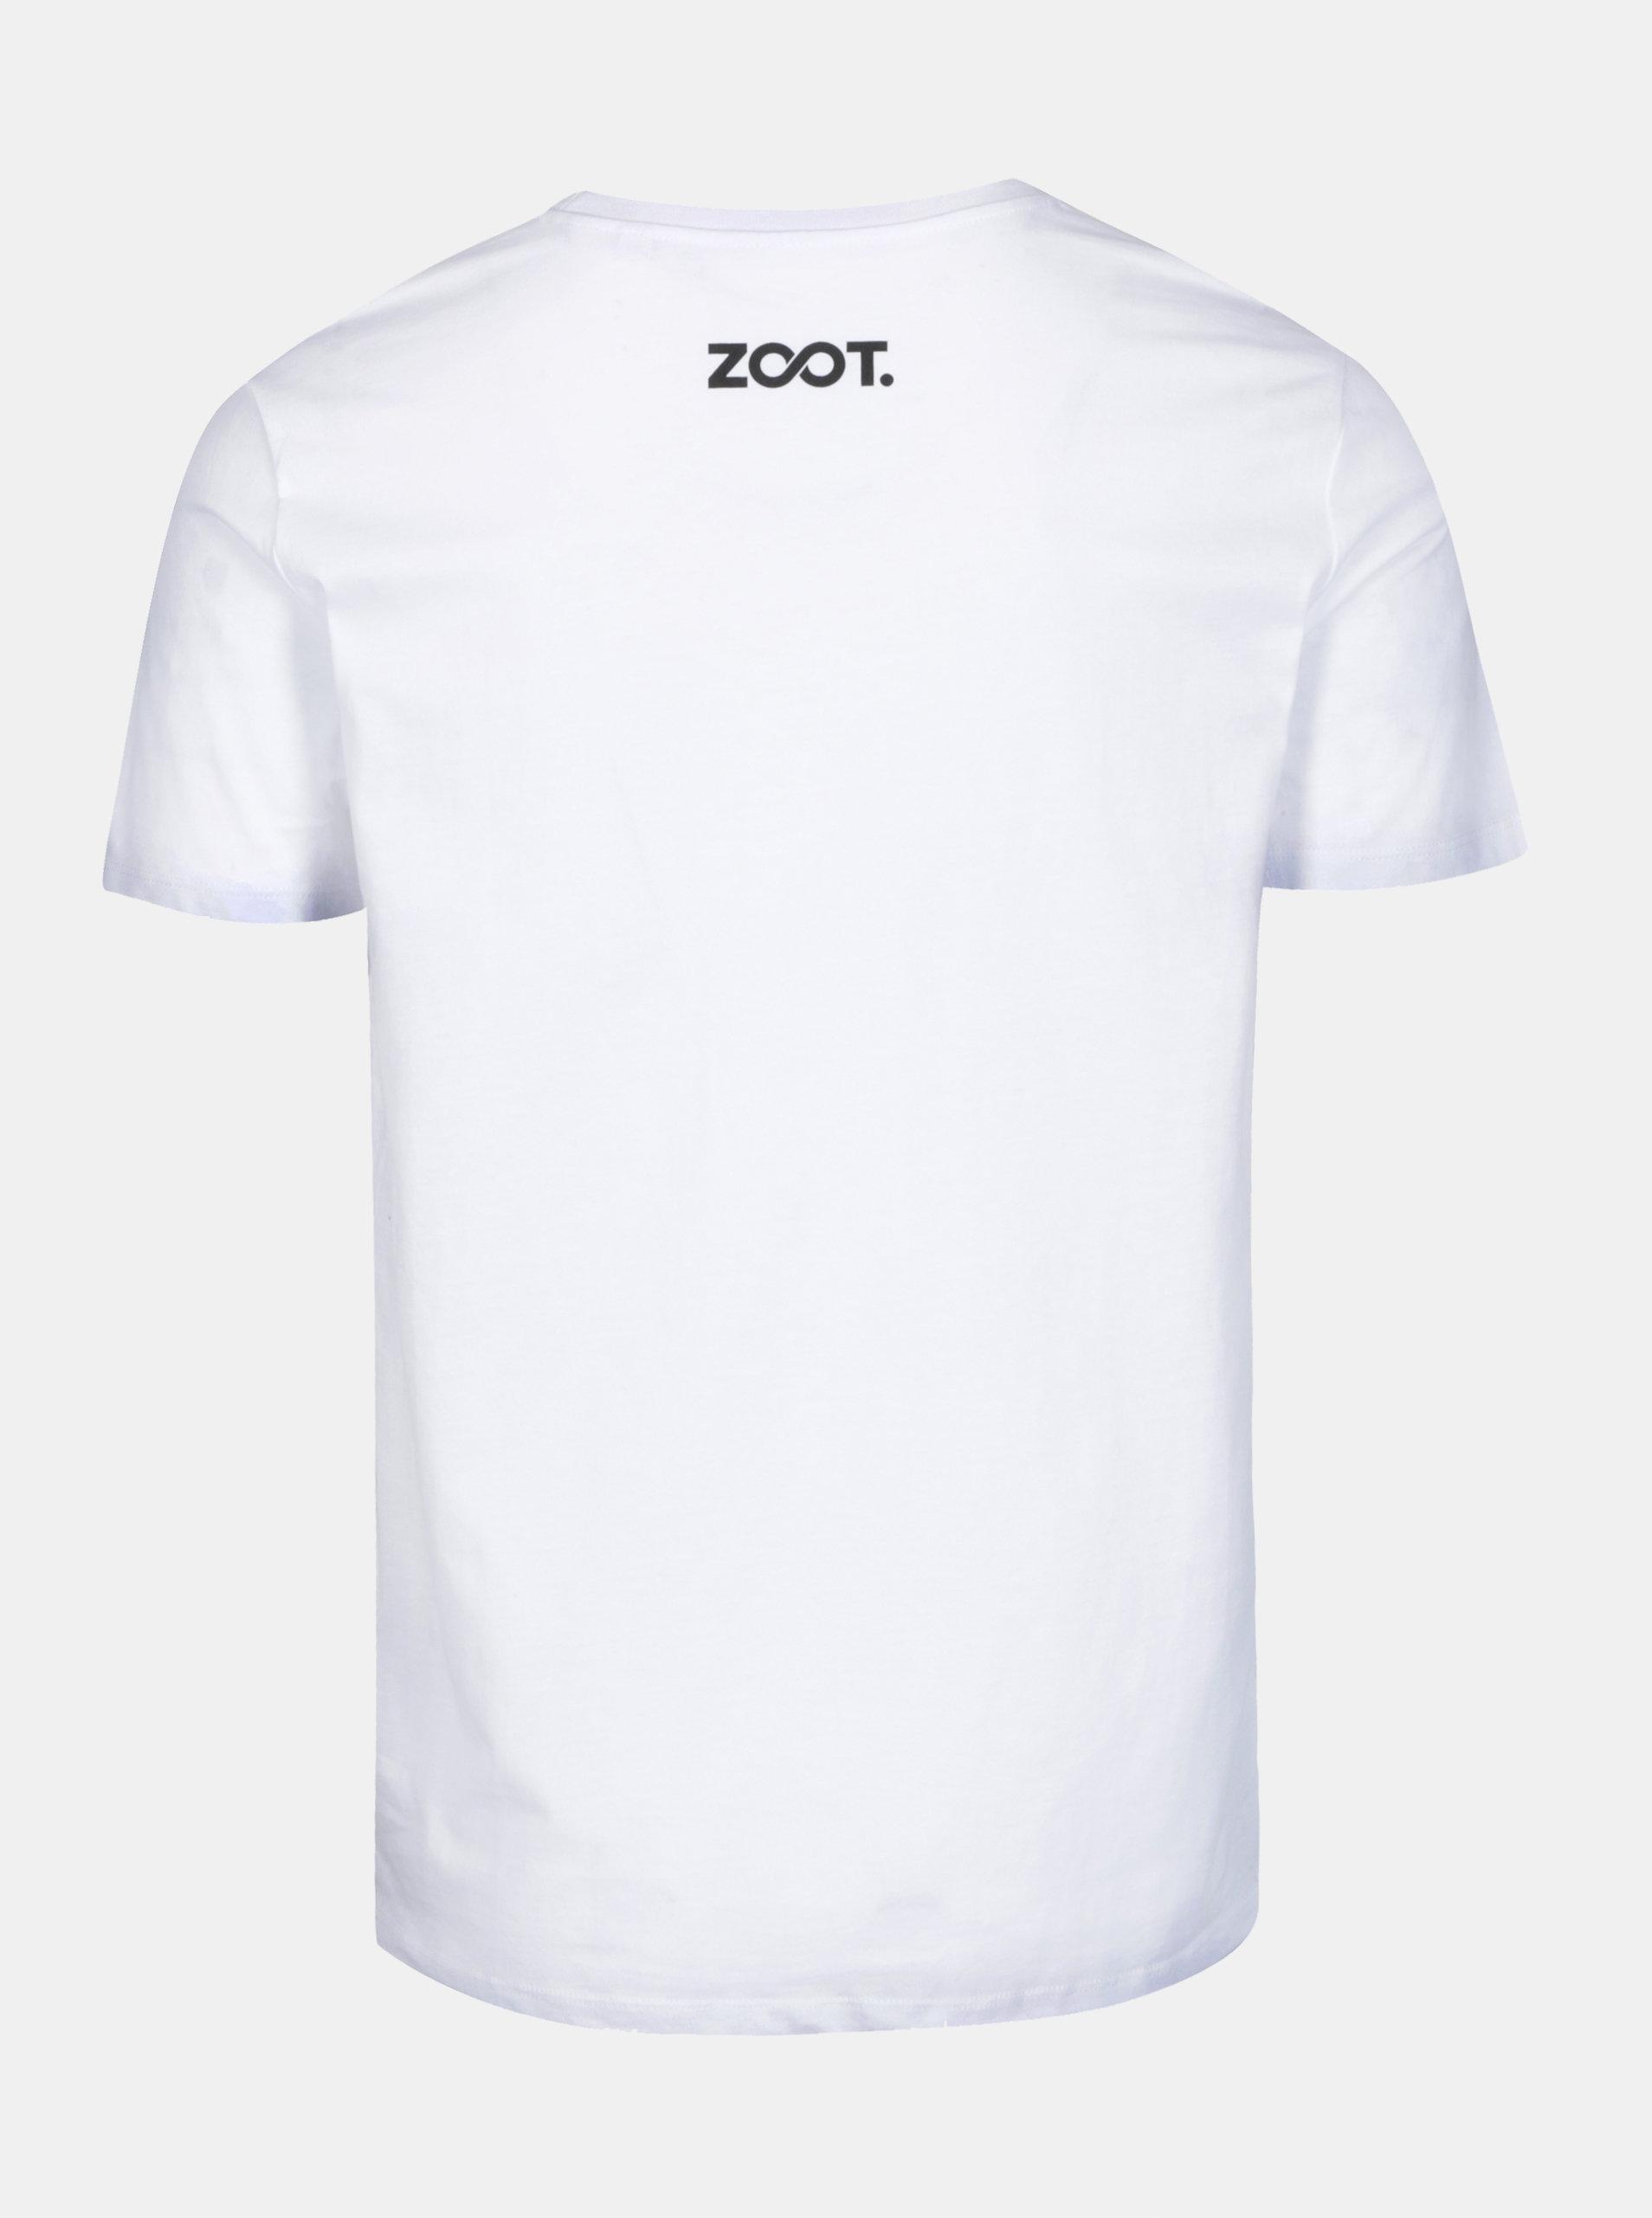 b0b2a83486d9 Biele pánske tričko s potlačou ZOOT Original Láska ...